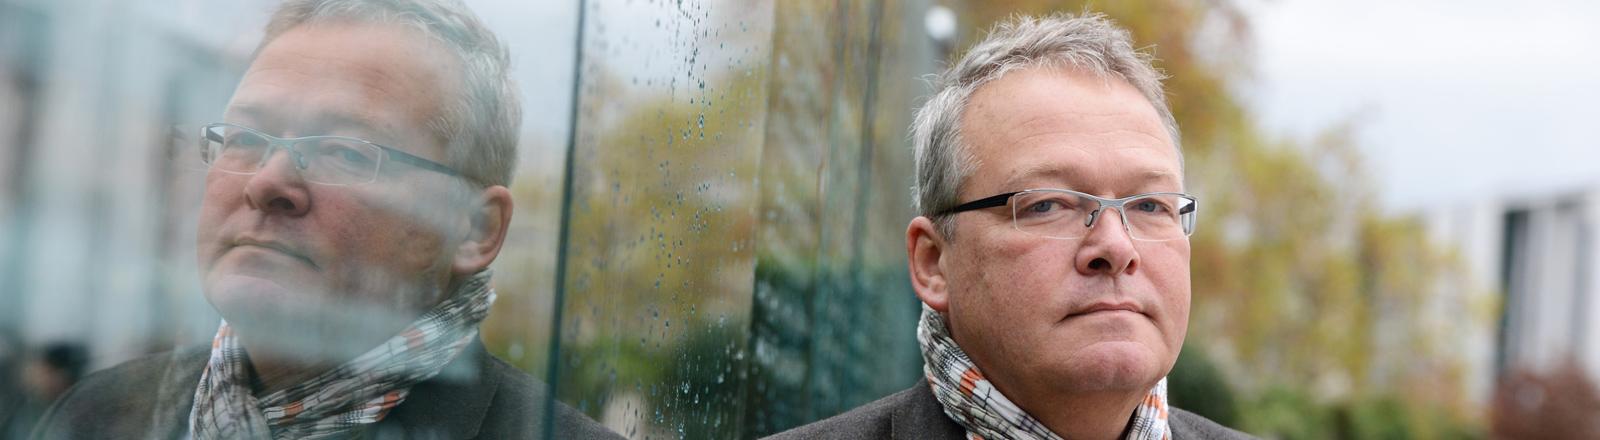 """Der ehemalige Investmentbanker Rainer Voss, fotografiert am 04.11.2013 in Berlin. Im Dokumentarfilm """"Master of the Universe"""" gibt er Einsichten in die Welt des Geldes und erzählt aus eigener Anschauung, wie es in der glitzernden Finanzwelt wirklich zugeht."""